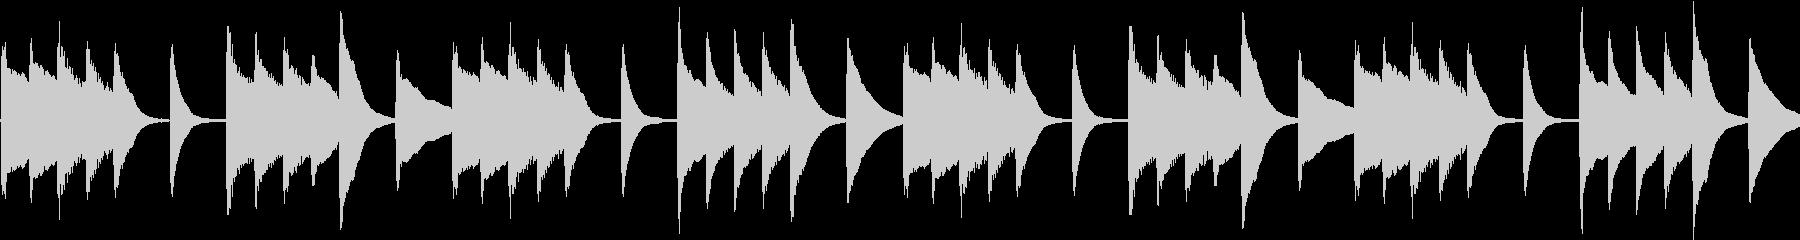 シンプル 洗練 和風ピアノ 【ループ】の未再生の波形